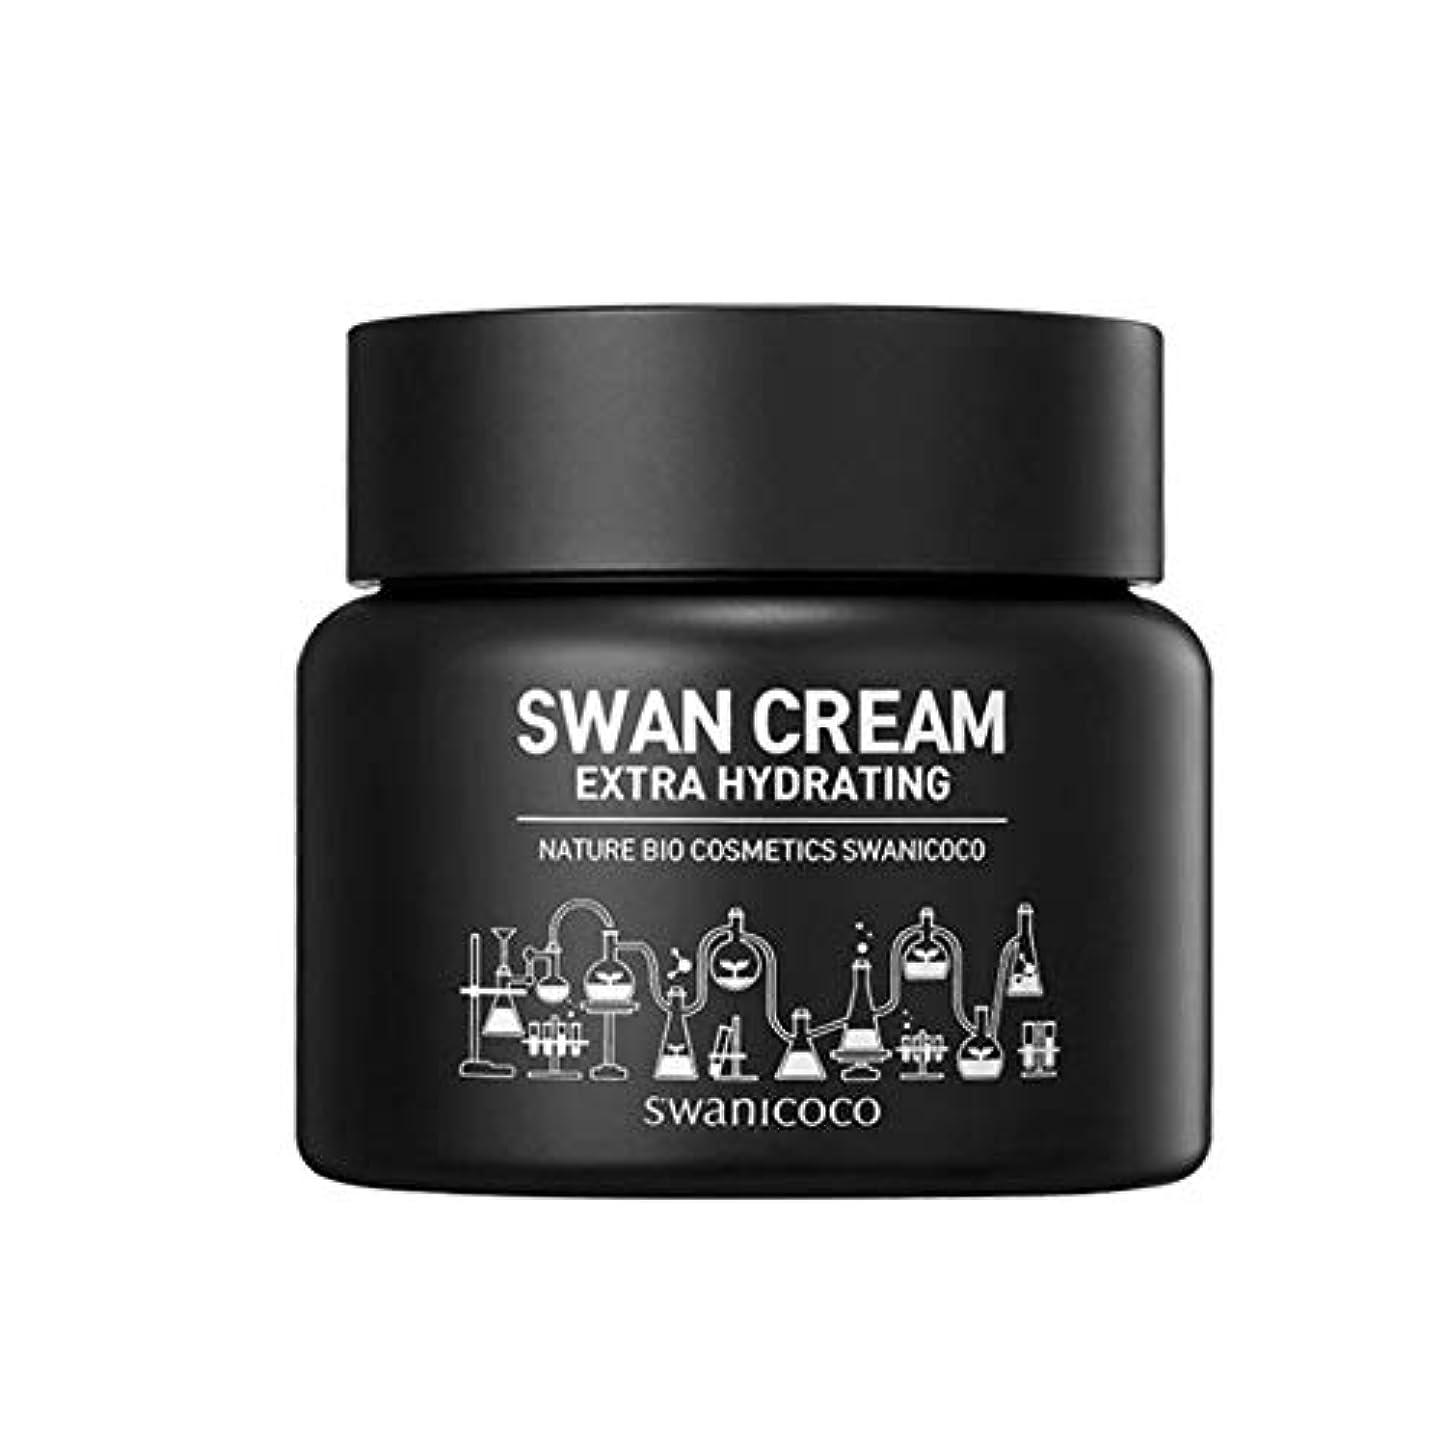 リップツール定説スワニーココ天然水分白鳥クリームブラック50ml、Swanicoco Natural Water Swan Cream Black 50ml [並行輸入品]